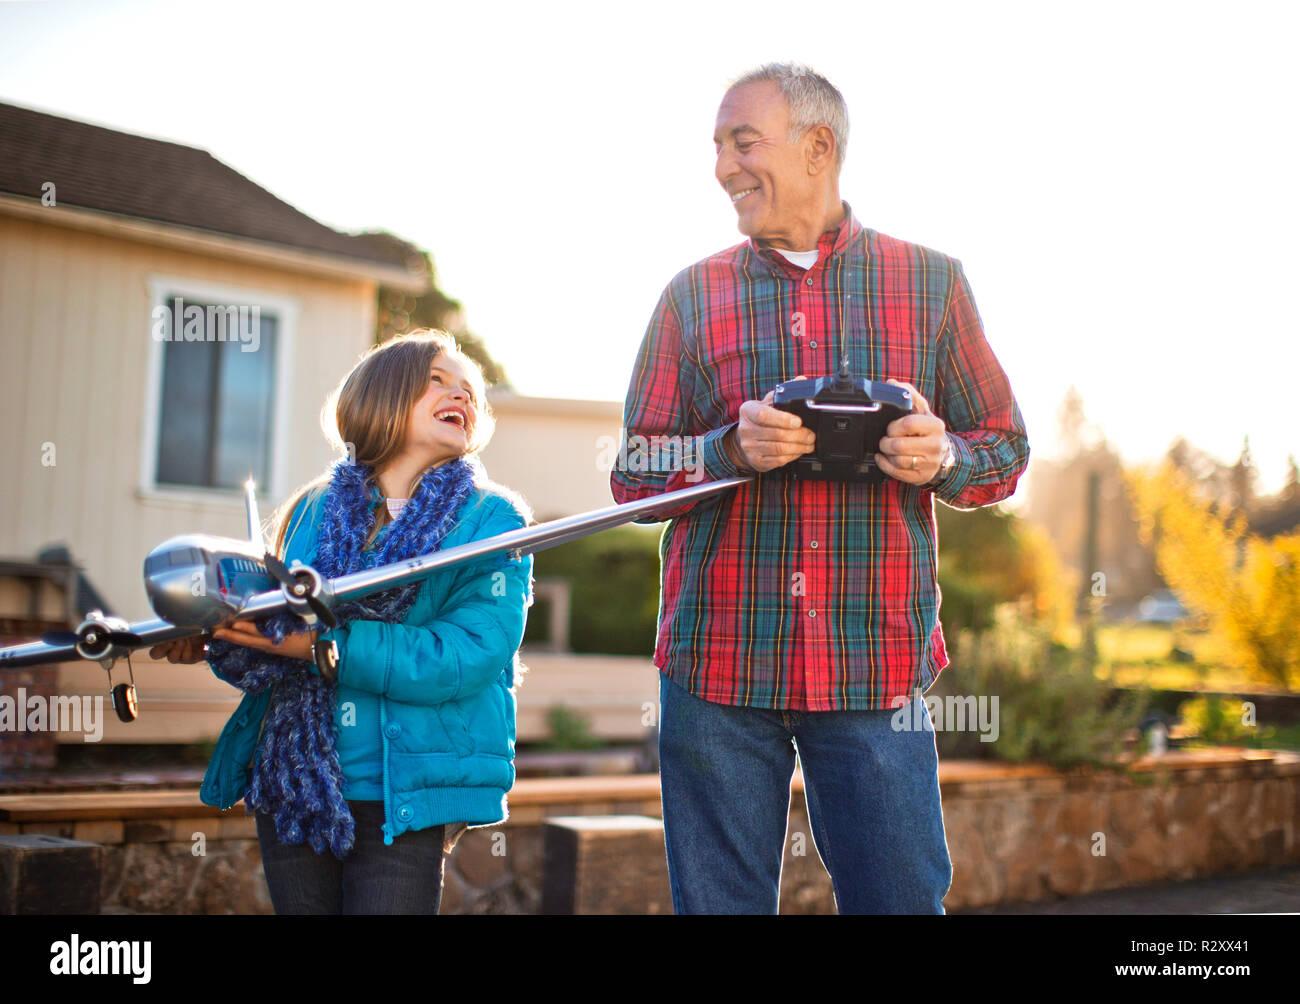 Lachelnde Madchen Und Ihr Grossvater Spass Spielen Mit Einem